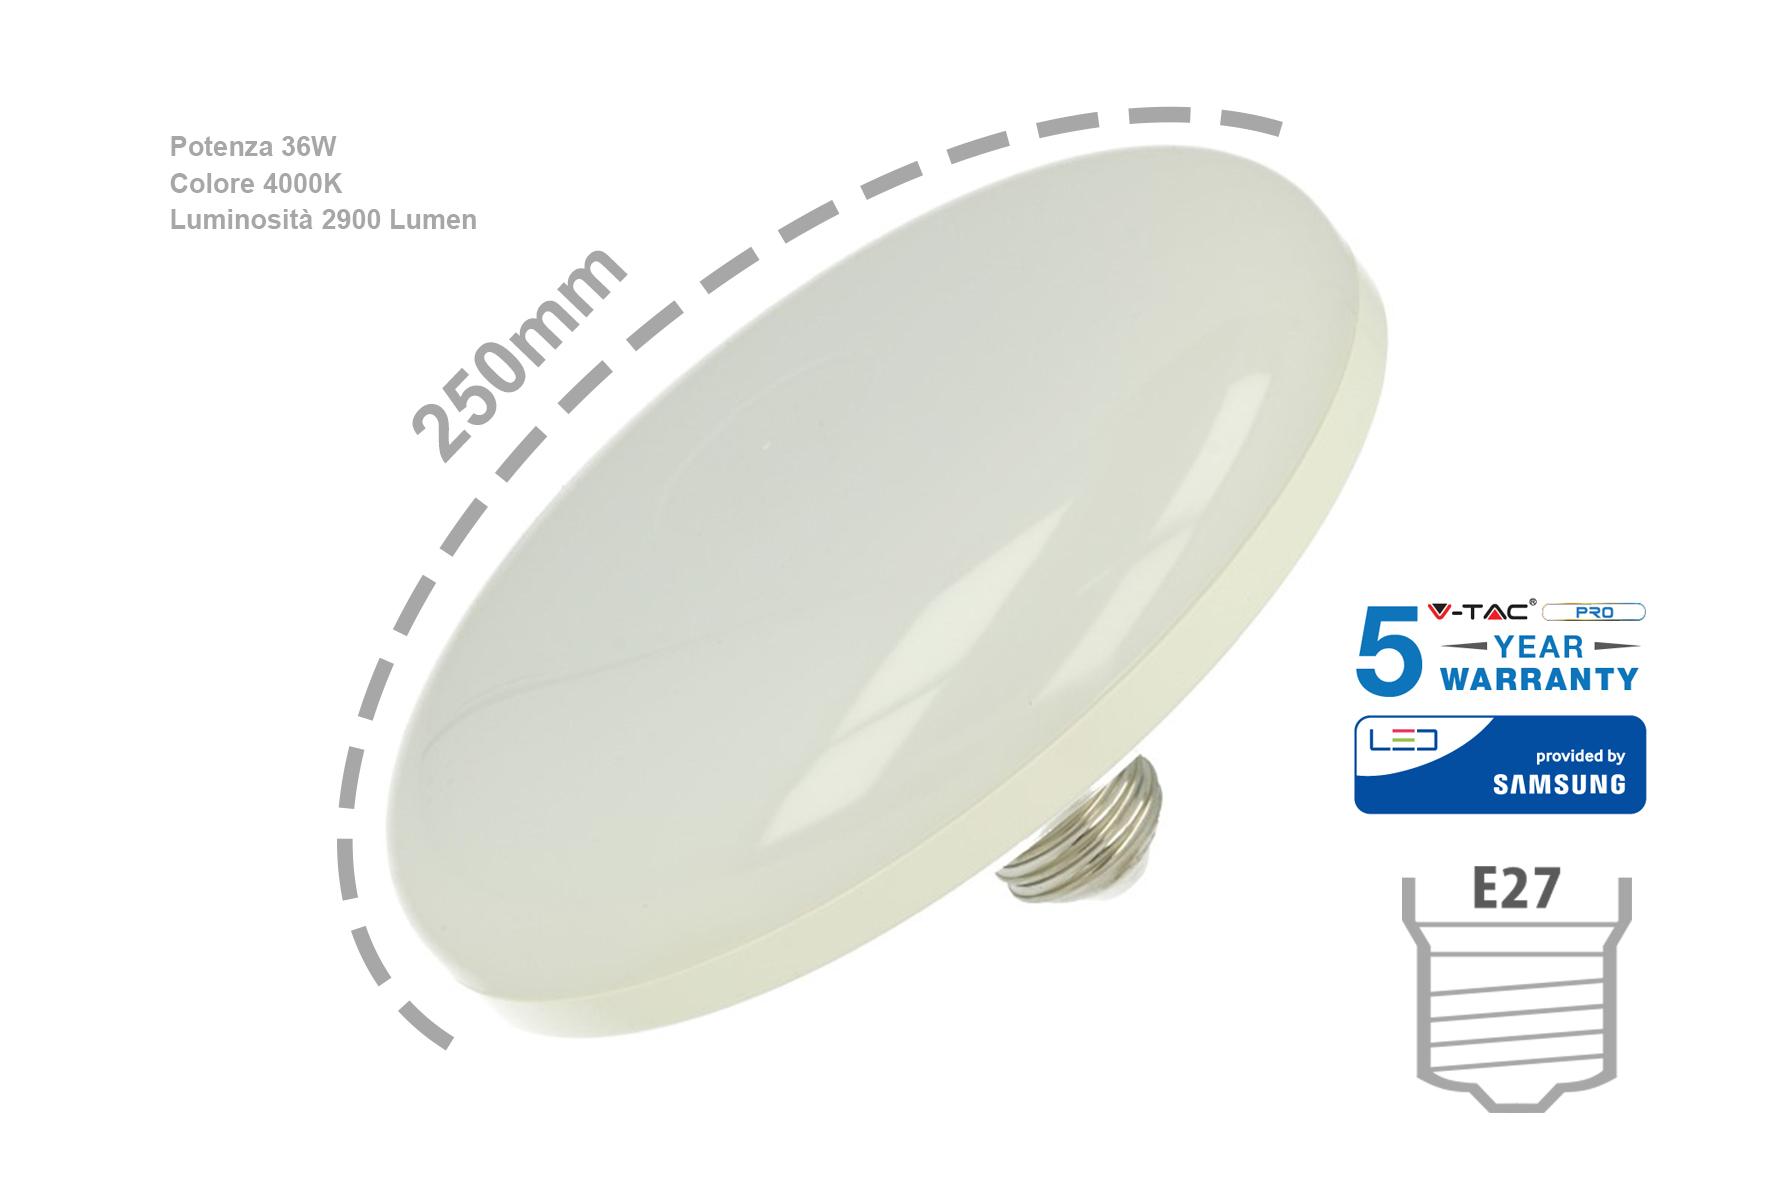 Lampada Led E27 UFO F250 36W 220V Bianco Neutro Samsung Garanzia 5 Anni Per Sostituzione Neon Circolina SKU-220 - PZ